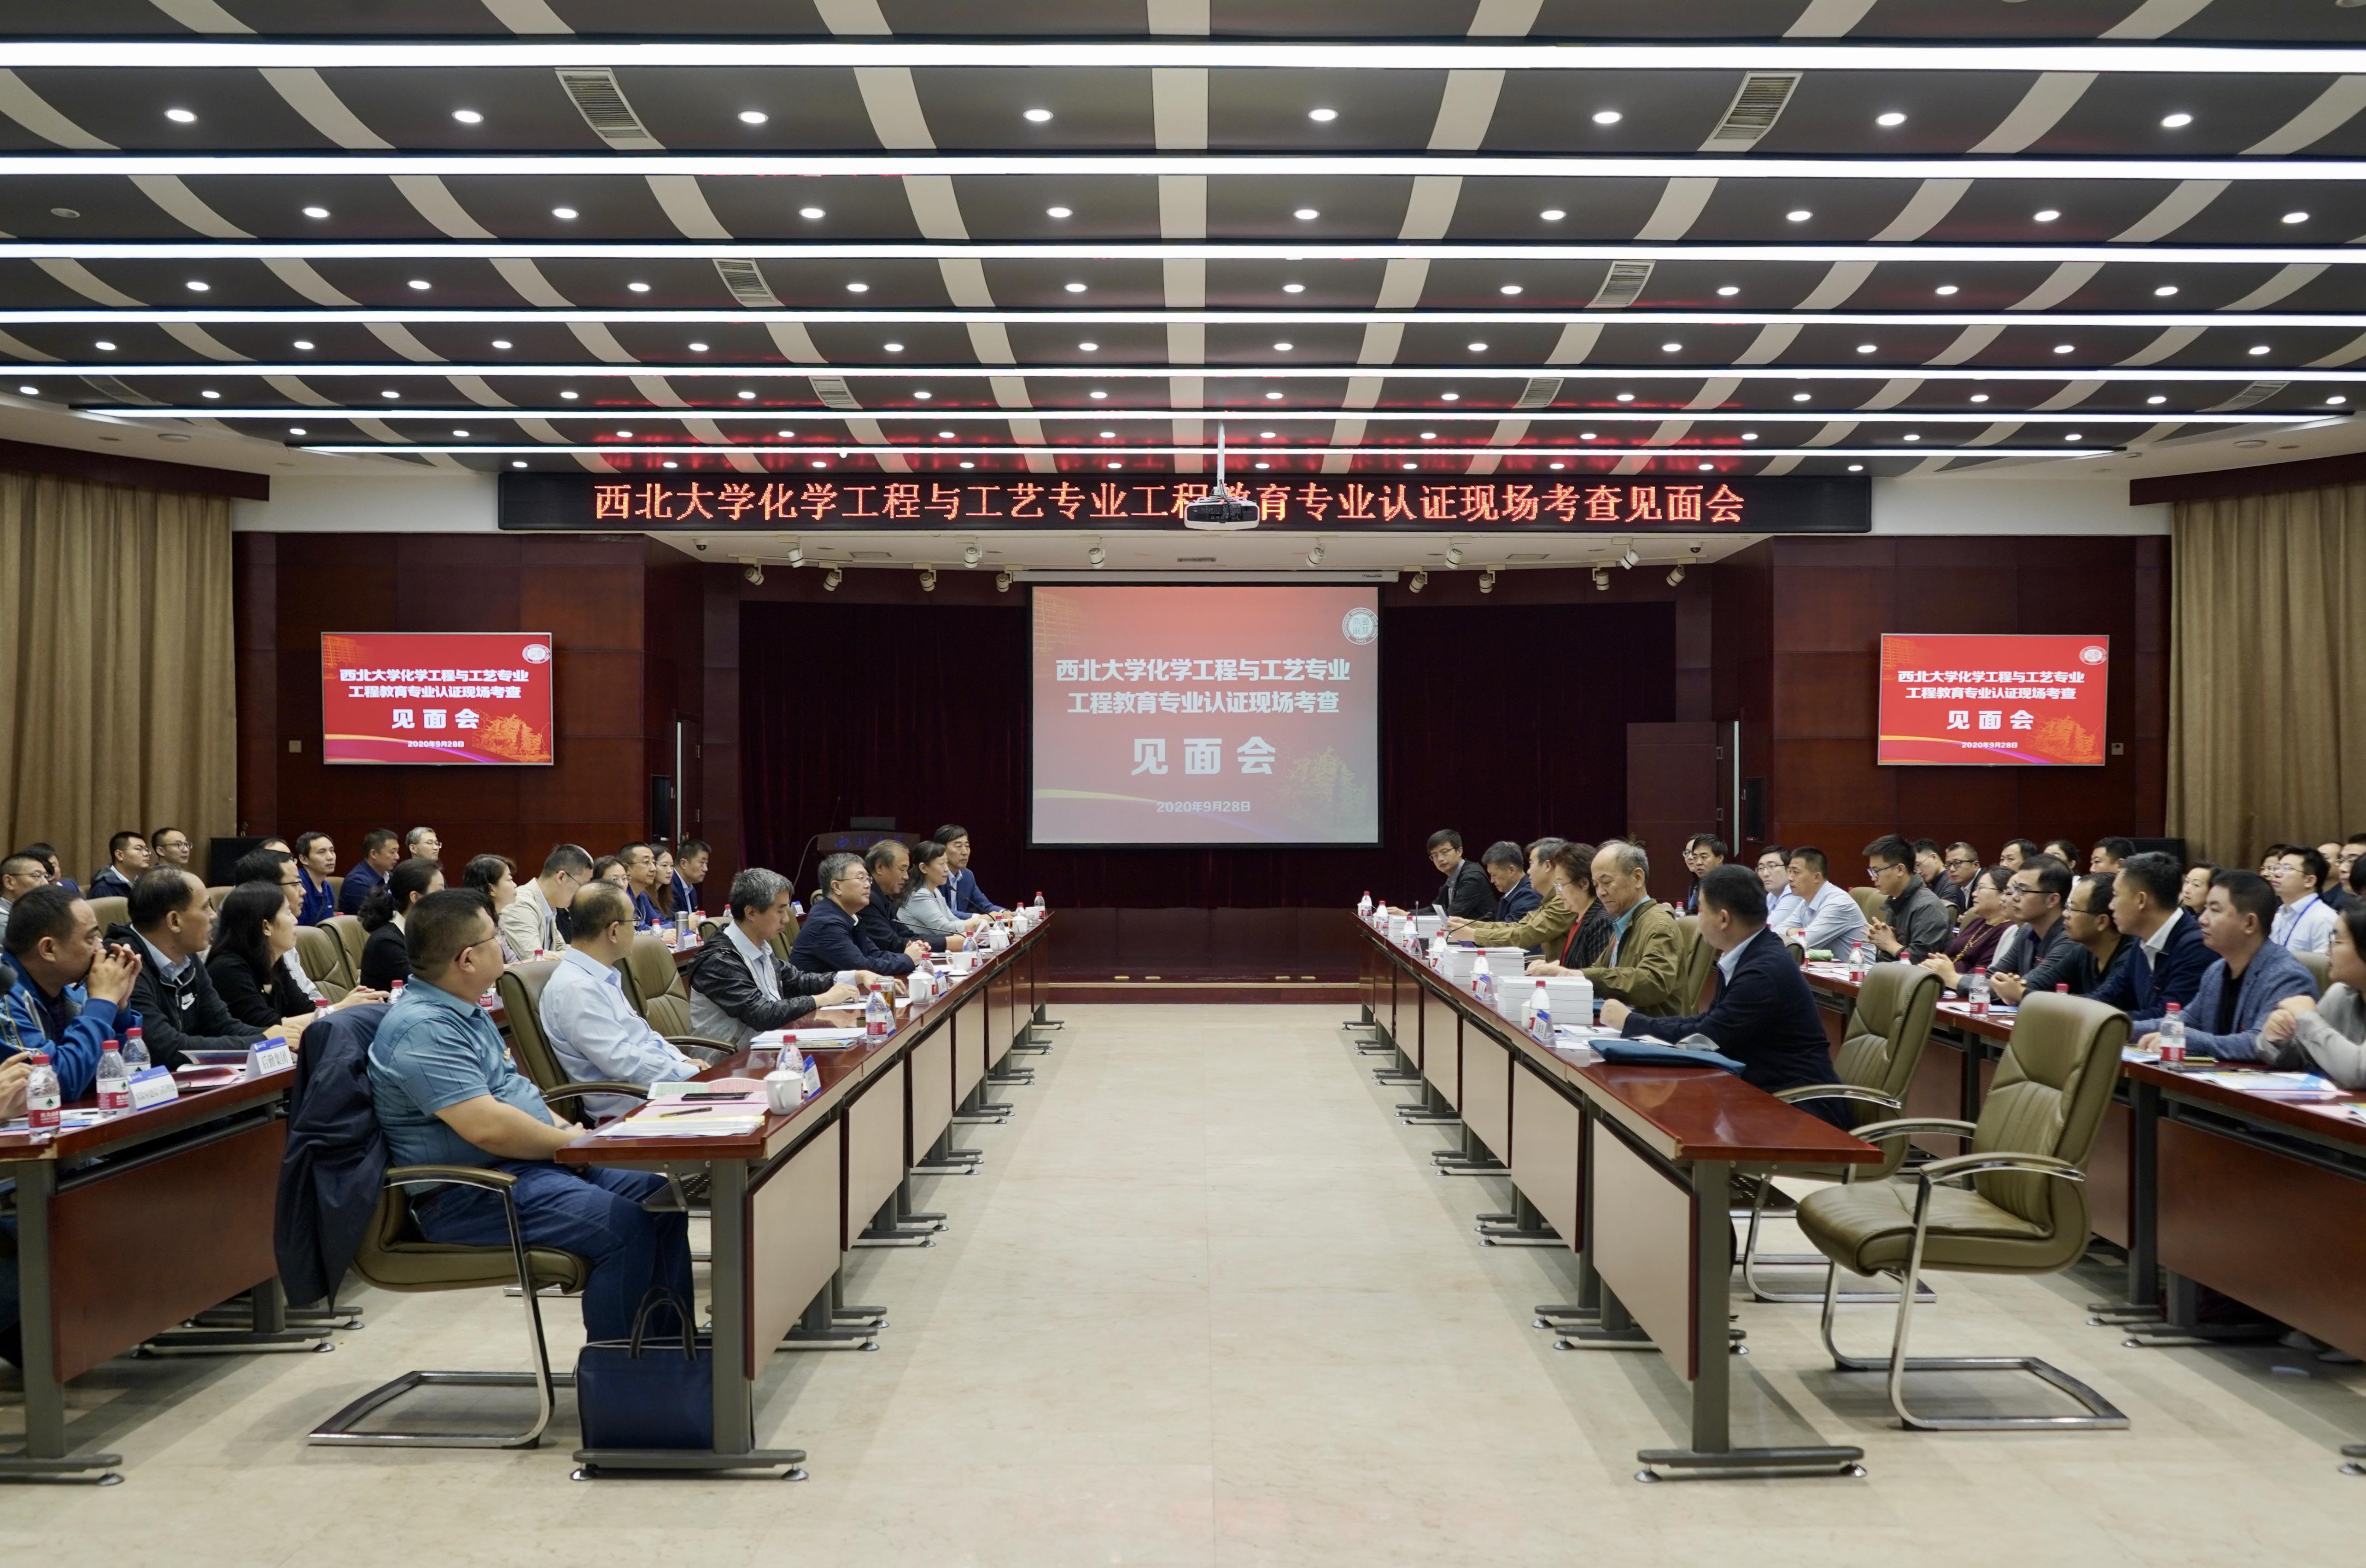 中国工程教育专业认证专家对我校化学工程与工艺专业进行考查